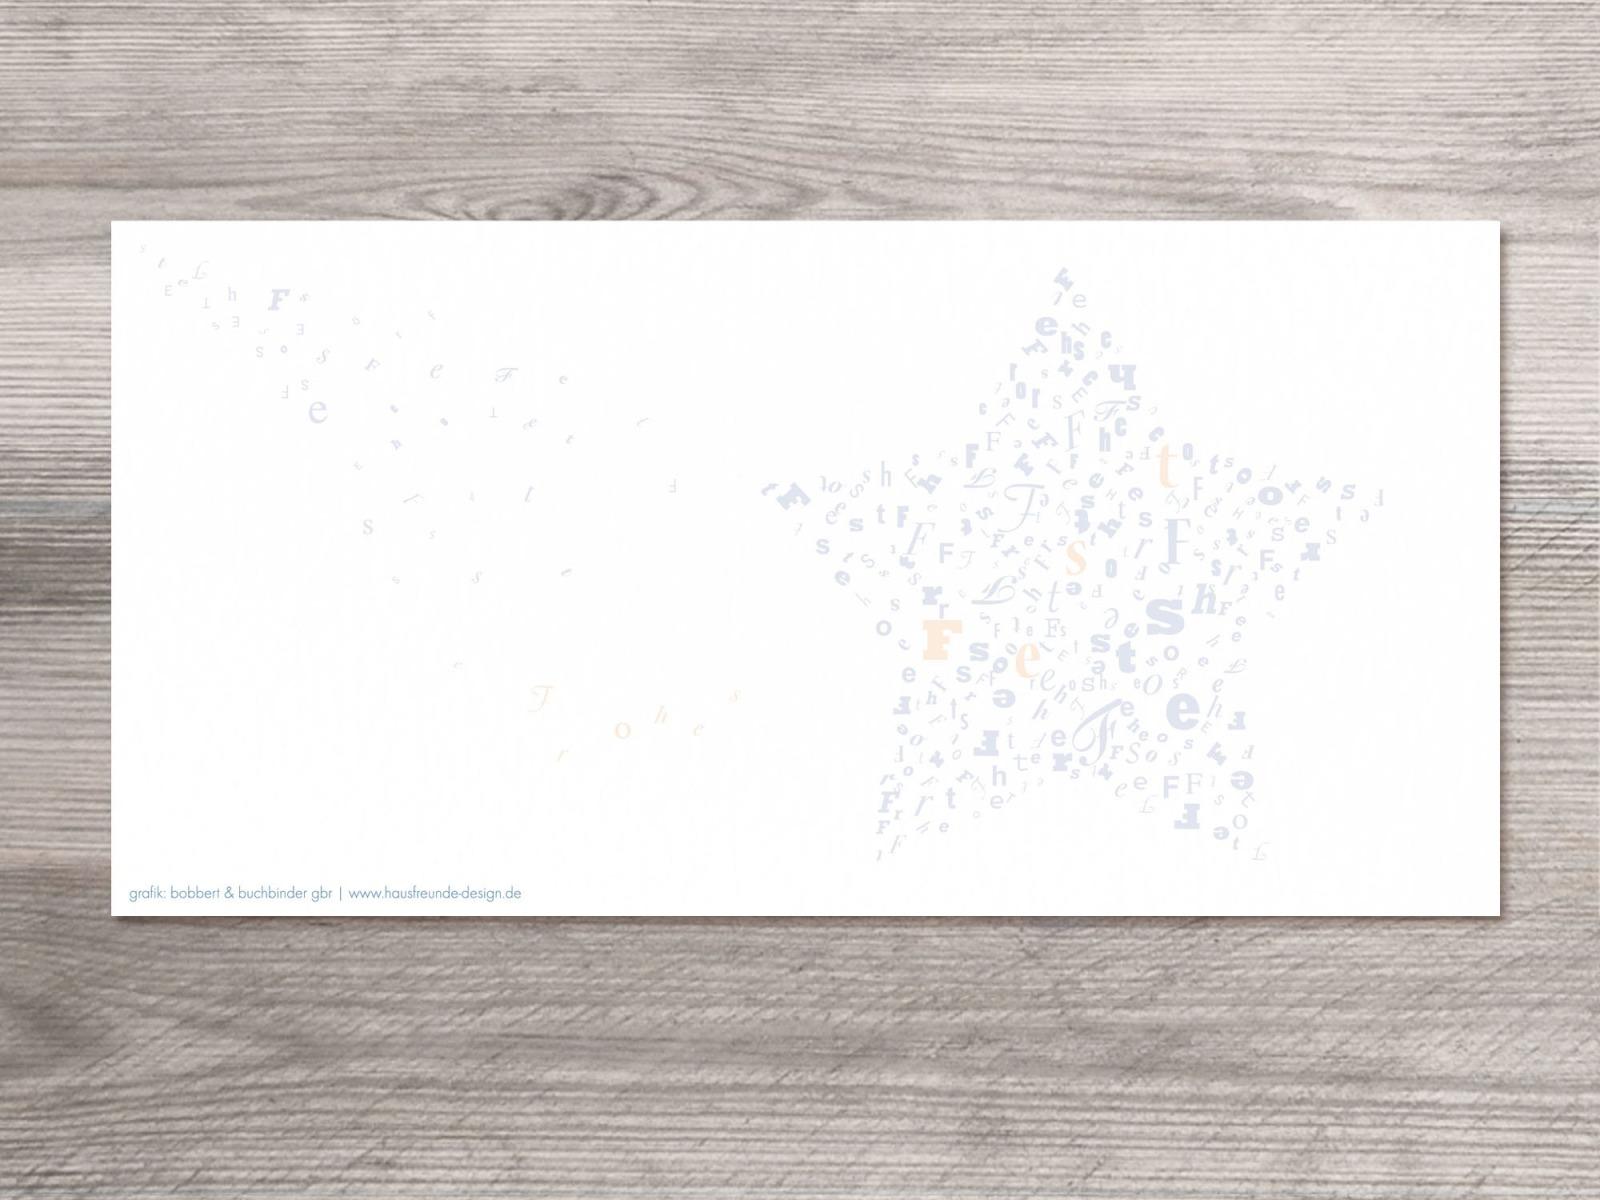 12 x Weihnachtskarten sternstunden Motiv - 2